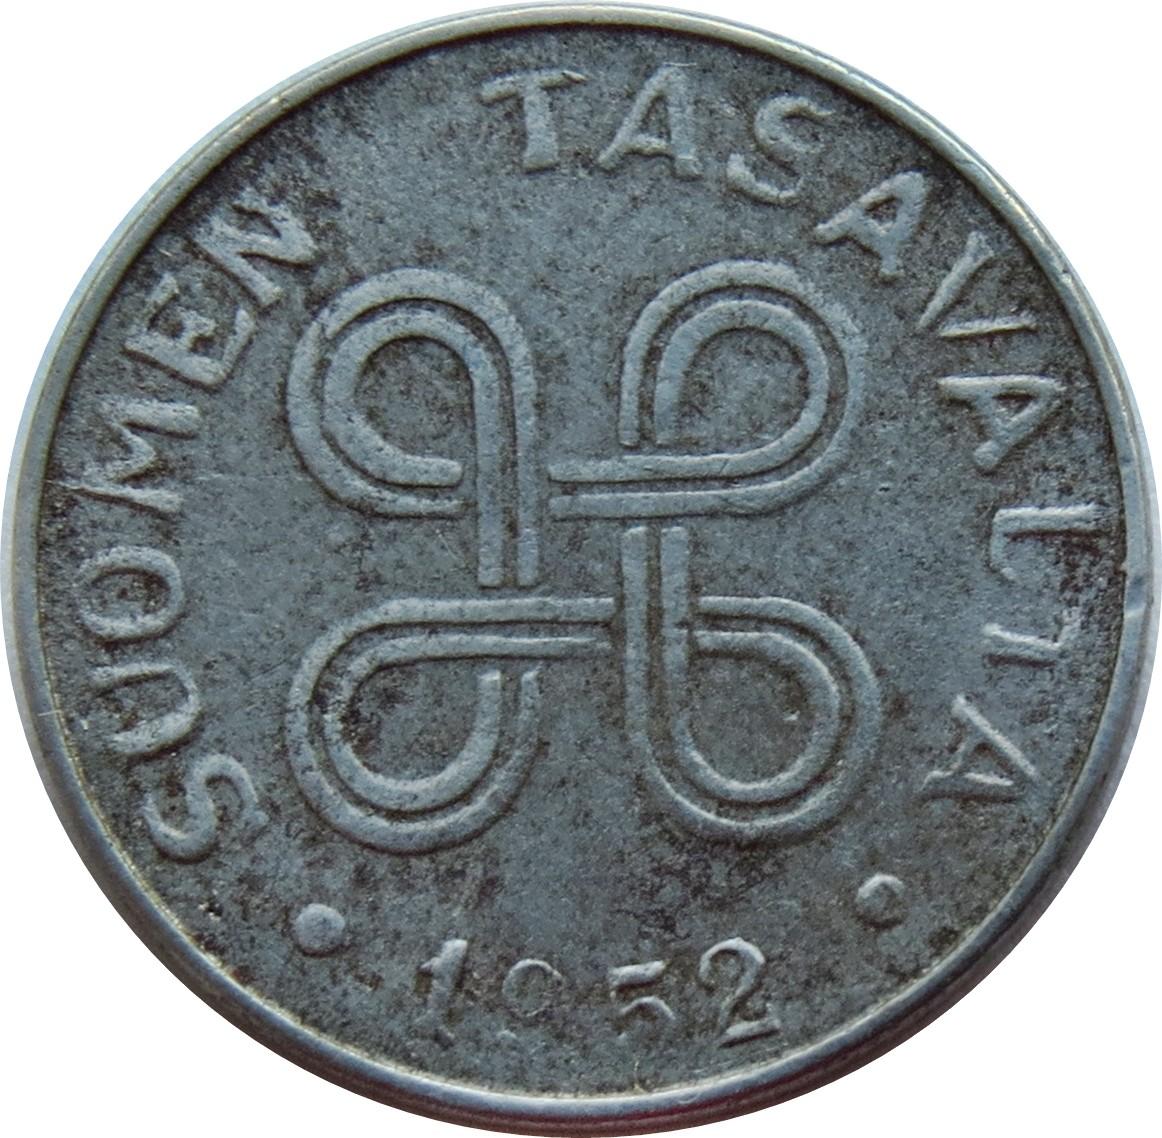 Finland 1 Markka (1952-1953)